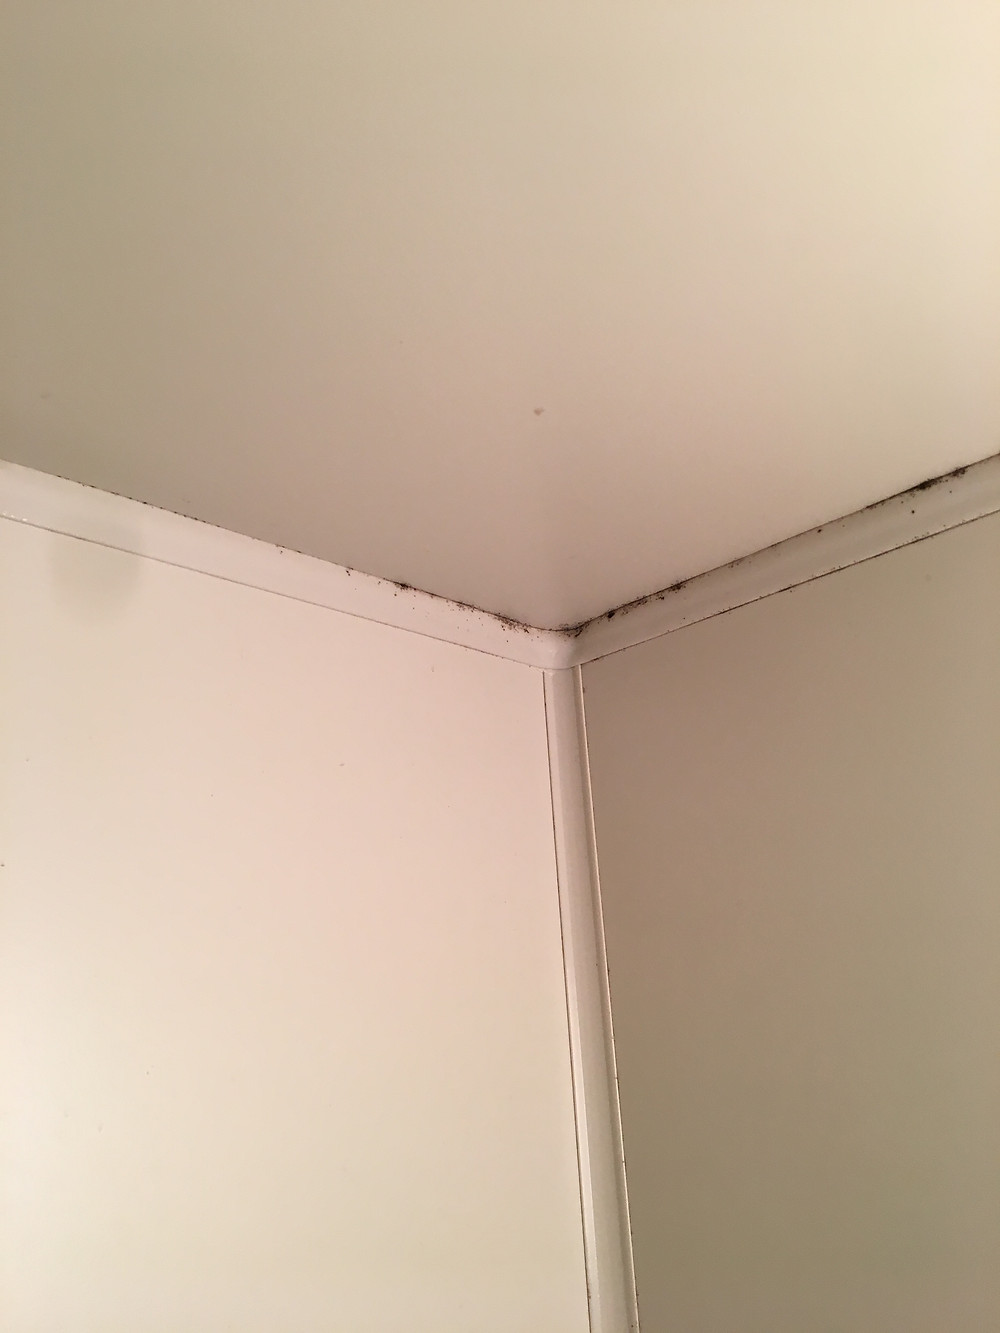 浴室天井のカビ清掃前